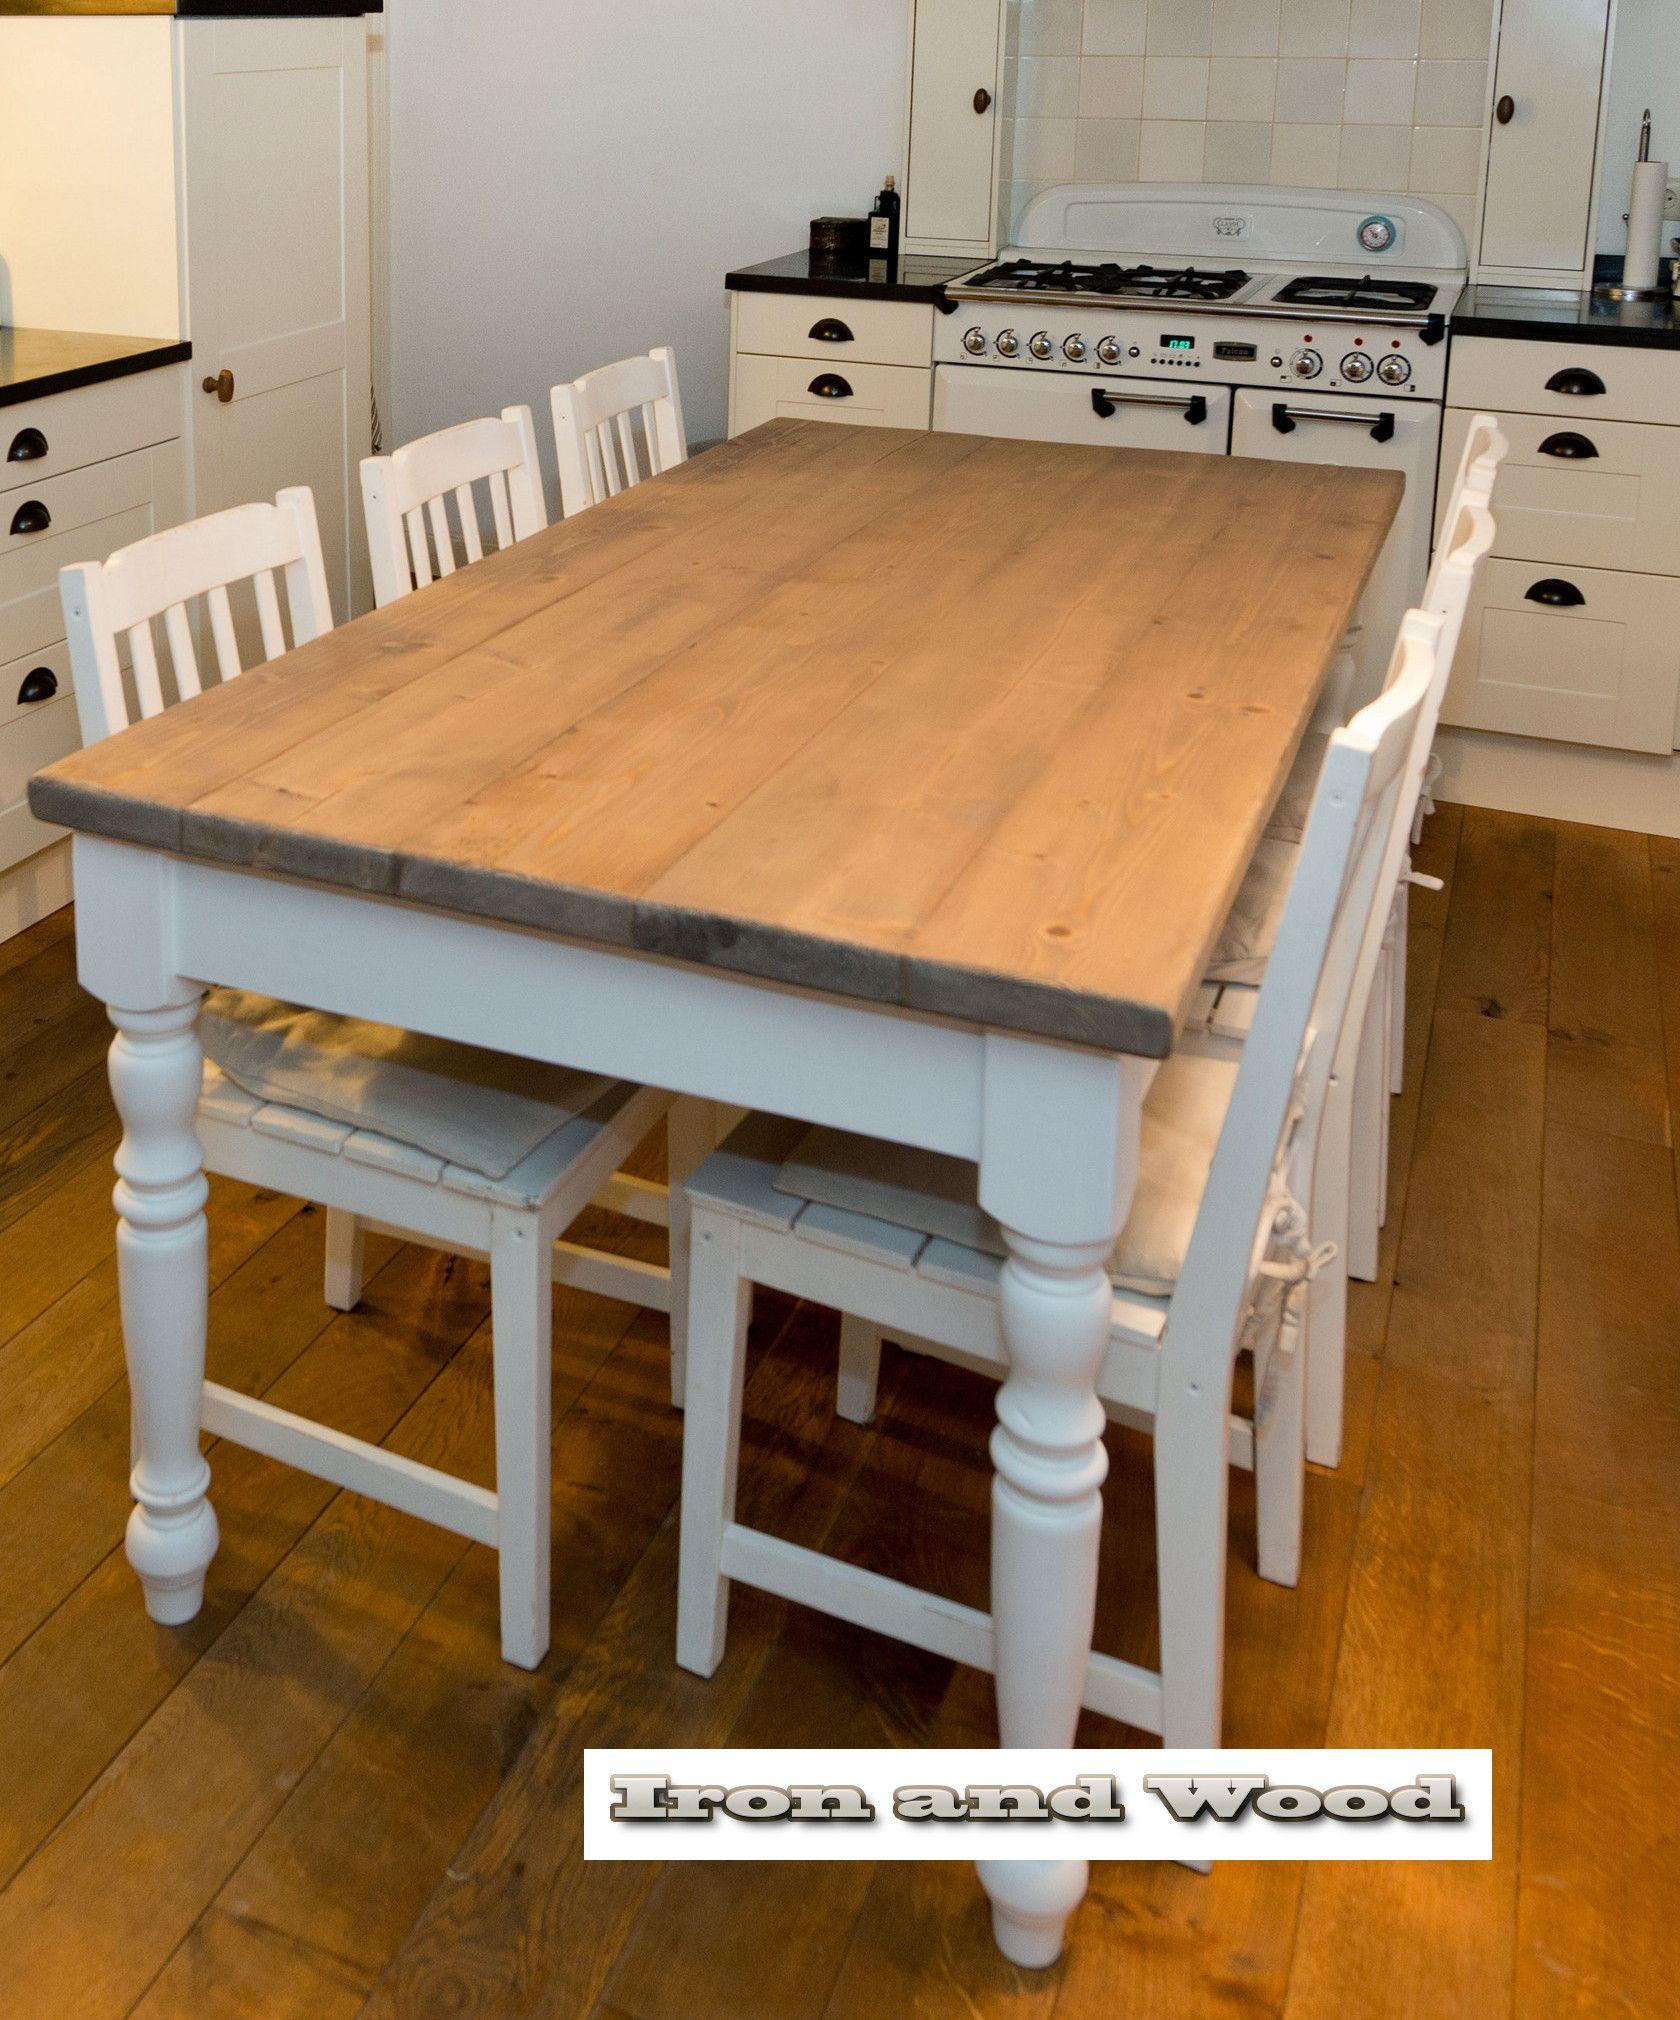 brocante keuken hangkastjes : Landelijke Eettafel Brussel Met Een Nieuw Robuust Eiken Blad Van